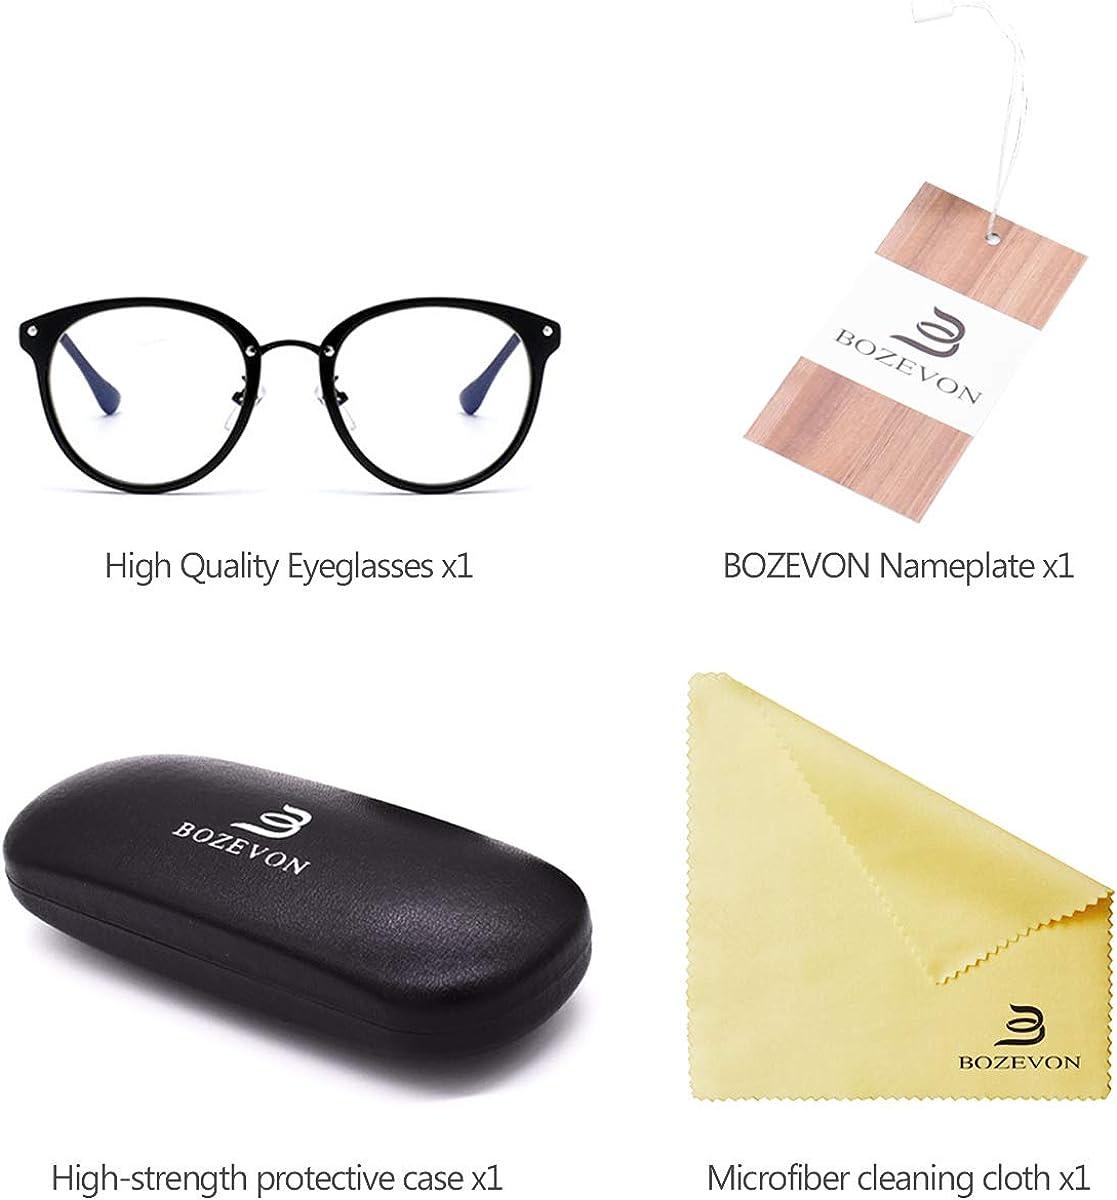 Gafas Anti-luz Azul Blue Light Blocking Glasses Gafas para Ordenador Gaming para Hombre Mujer Gafas Luz Azul Gafas Antifatiga BOZEVON Gafas anti-azules